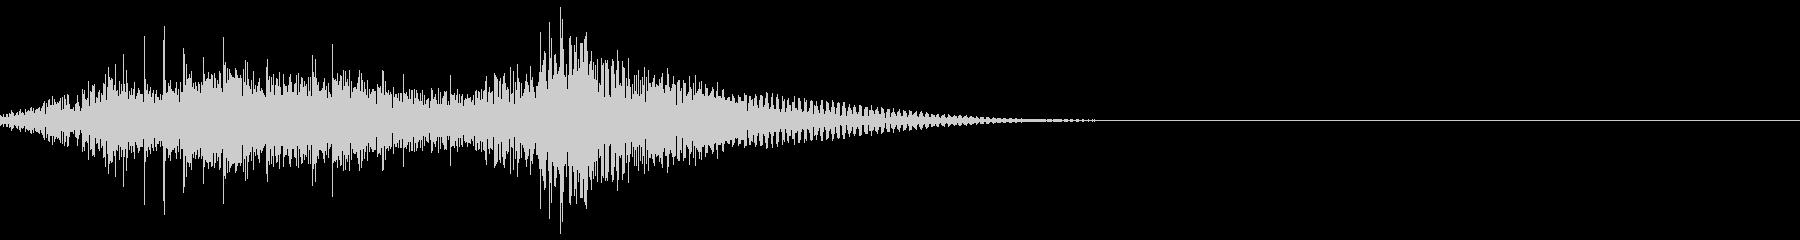 【打楽器・太鼓】コンコンコン・・・ドドンの未再生の波形